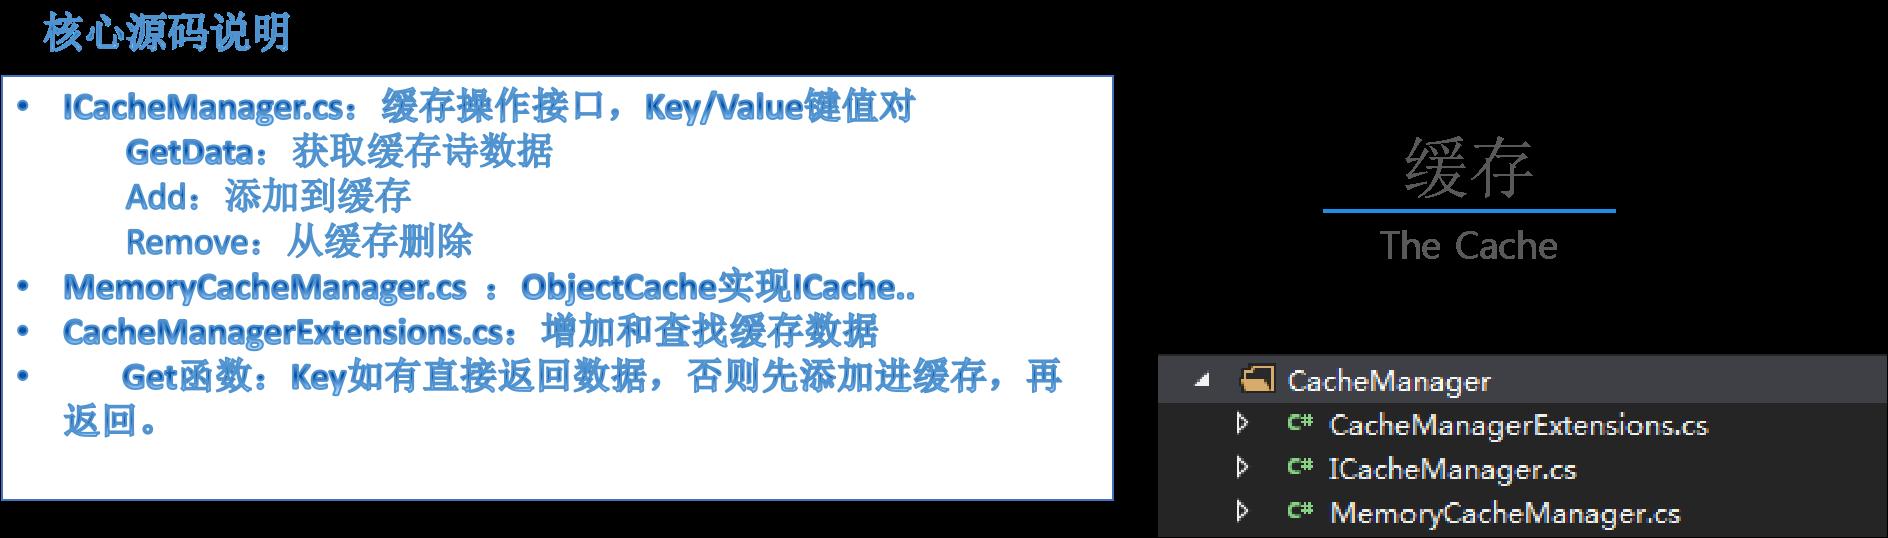 B/S开发框架objectcache缓存讲解1